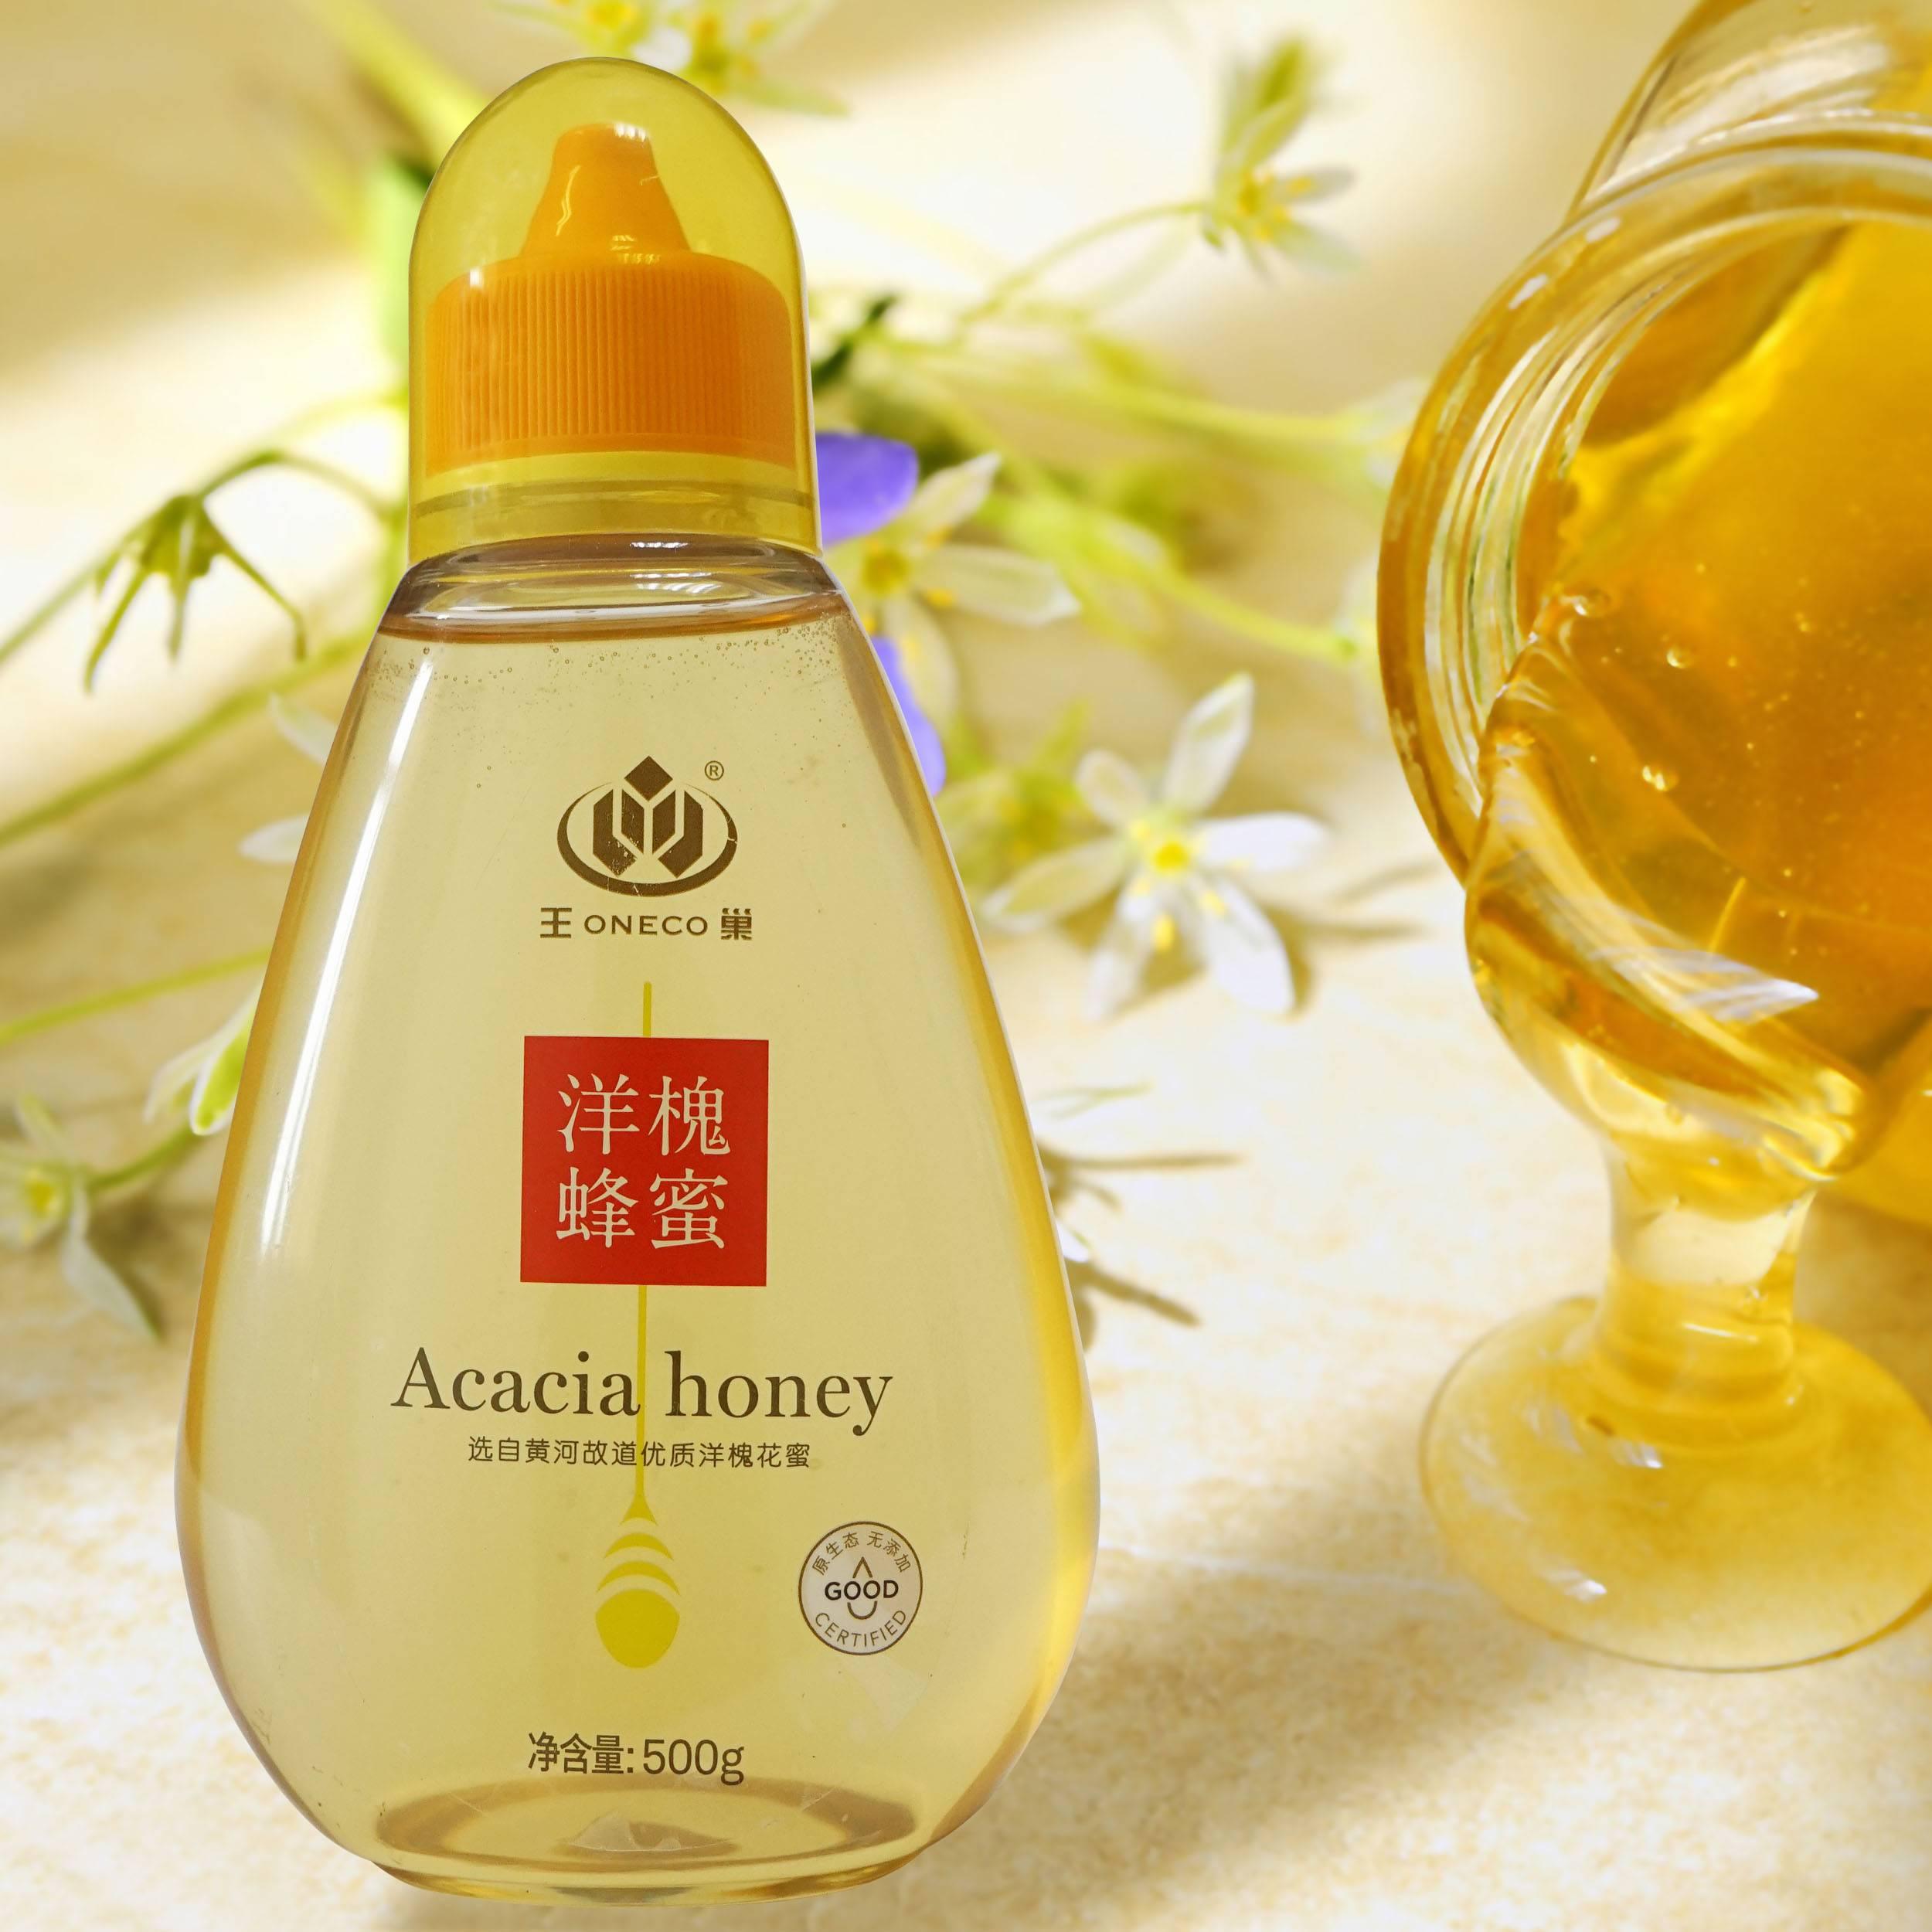 王巢洋槐蜂蜜 天然野生农家自产洋槐蜜土槐花蜜 包邮500克 塑料瓶